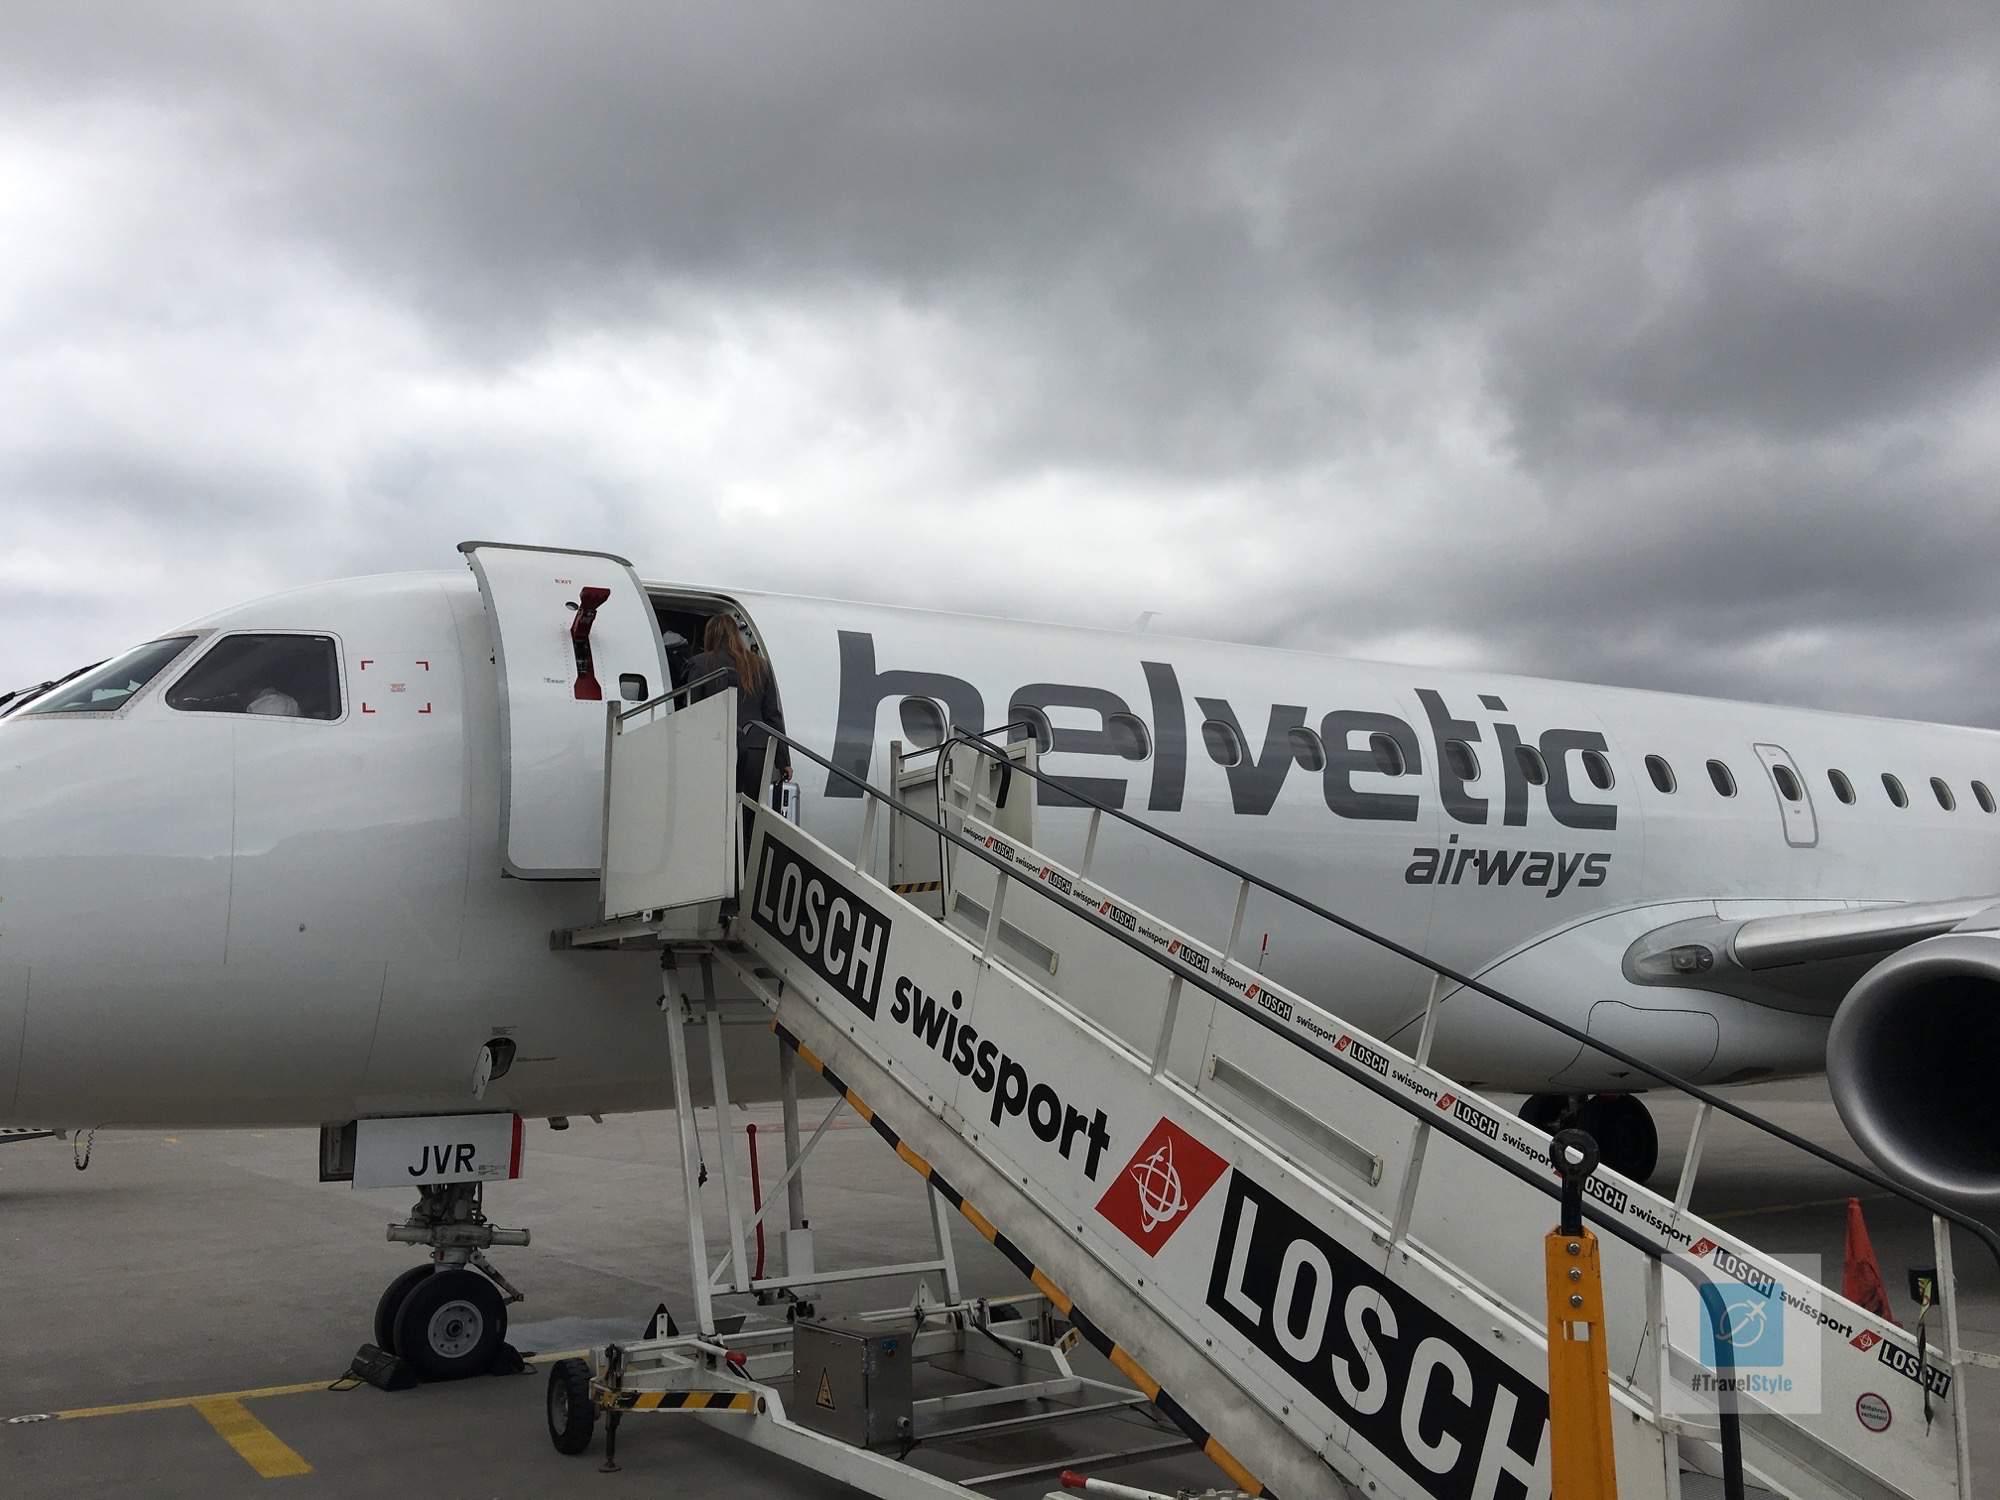 Flug mit Helvetic airways